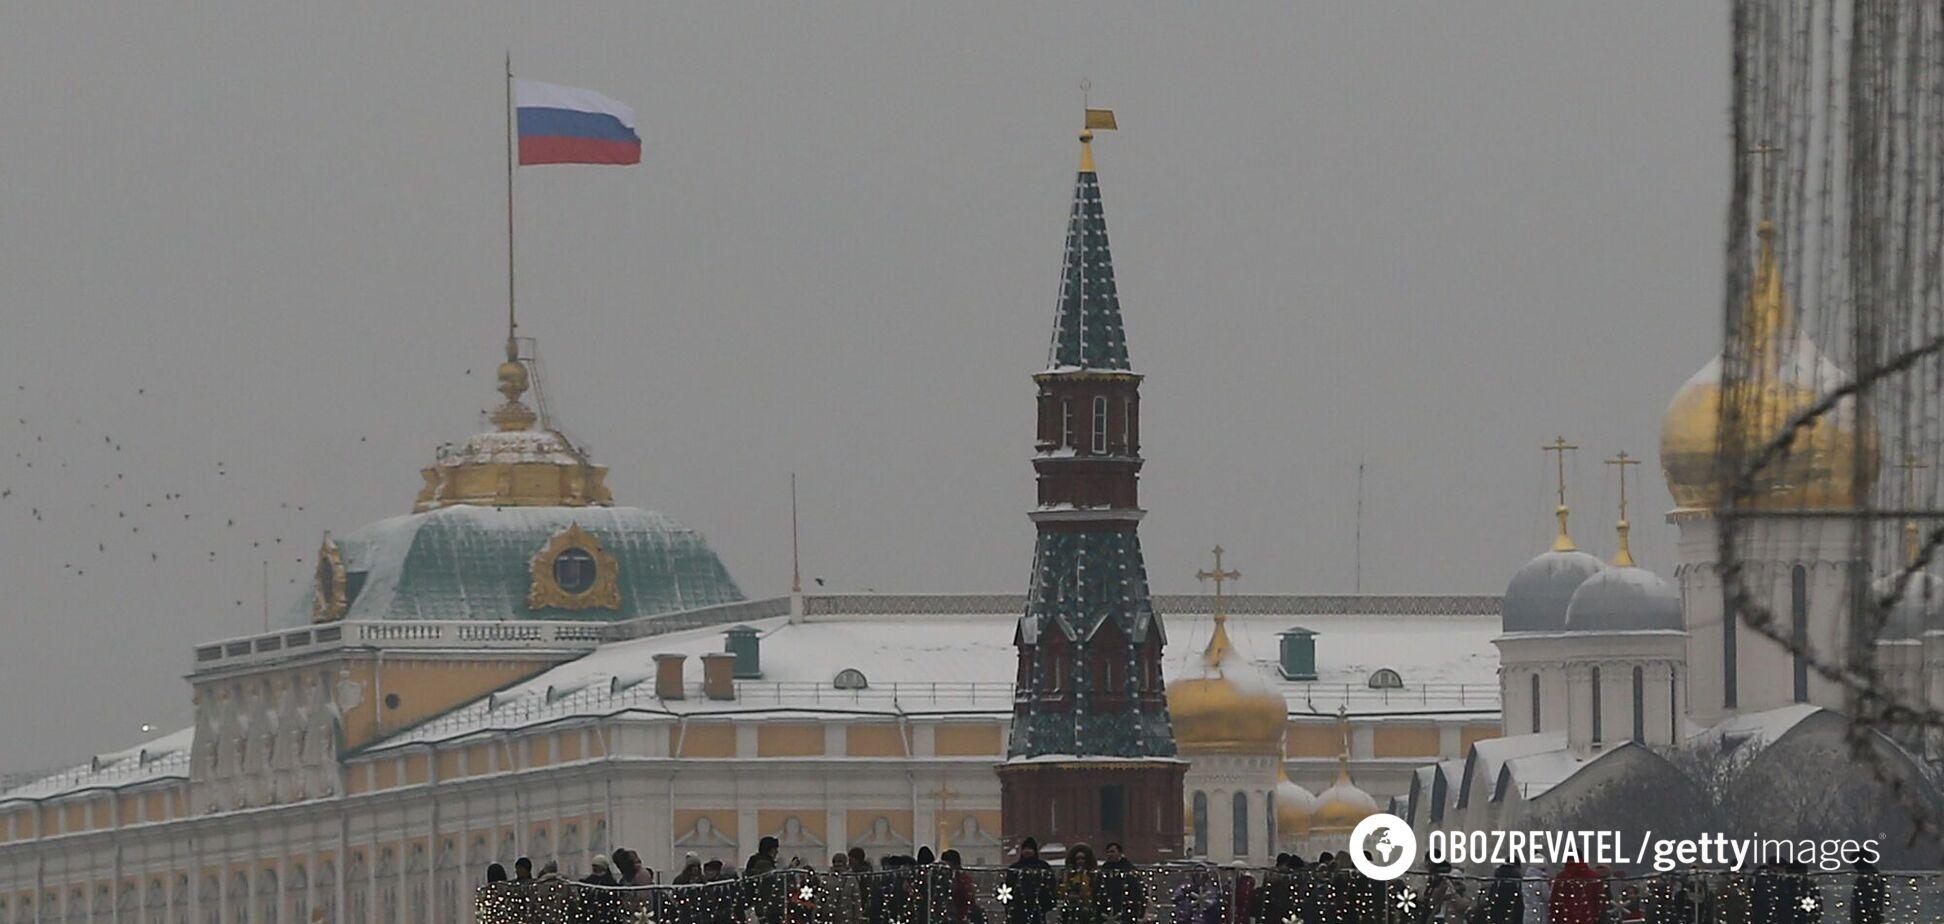 Кремль пытается сломать Украину на переговорах по Донбассу, говорит украинский журналист Денис Казанский